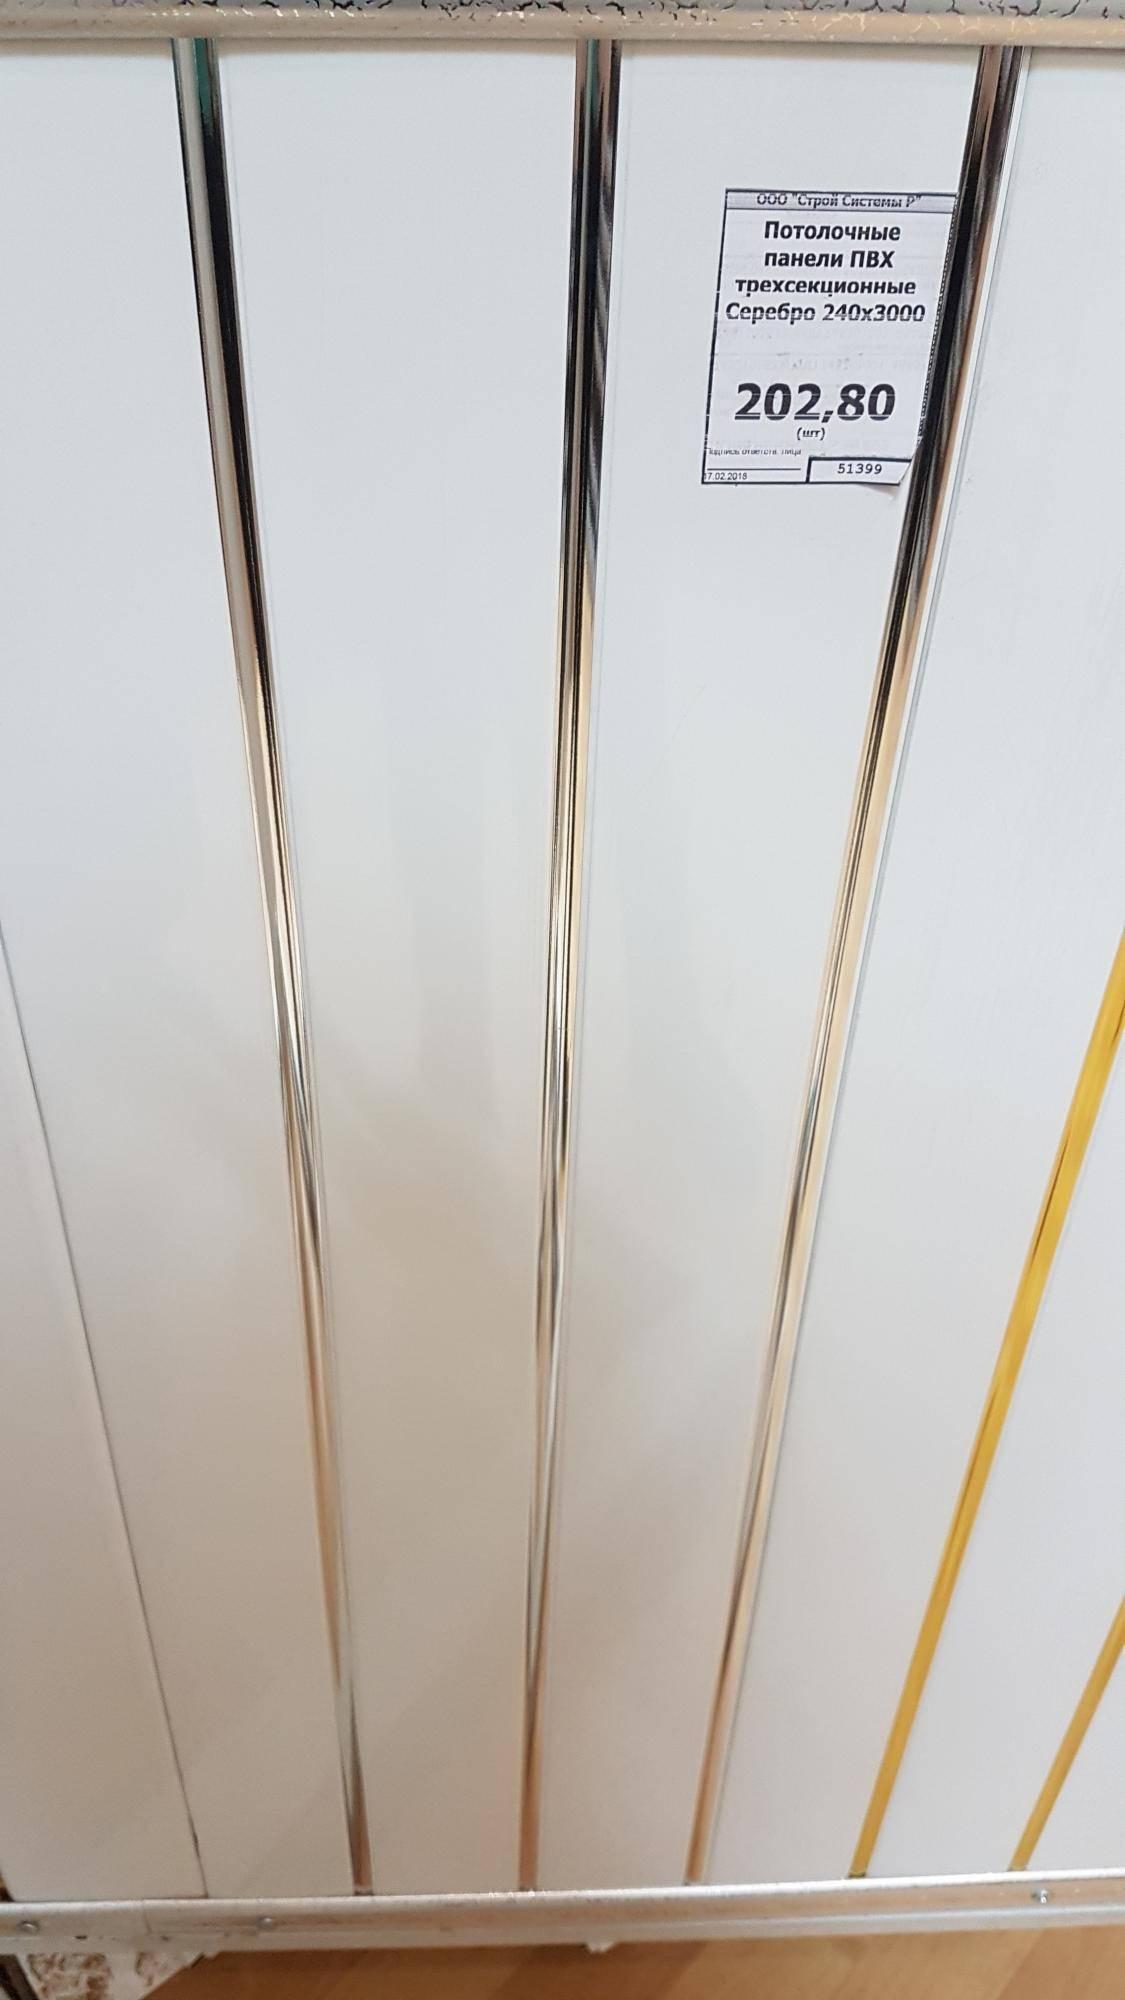 Размеры и стоимость потолочных пвх панелей из пластика